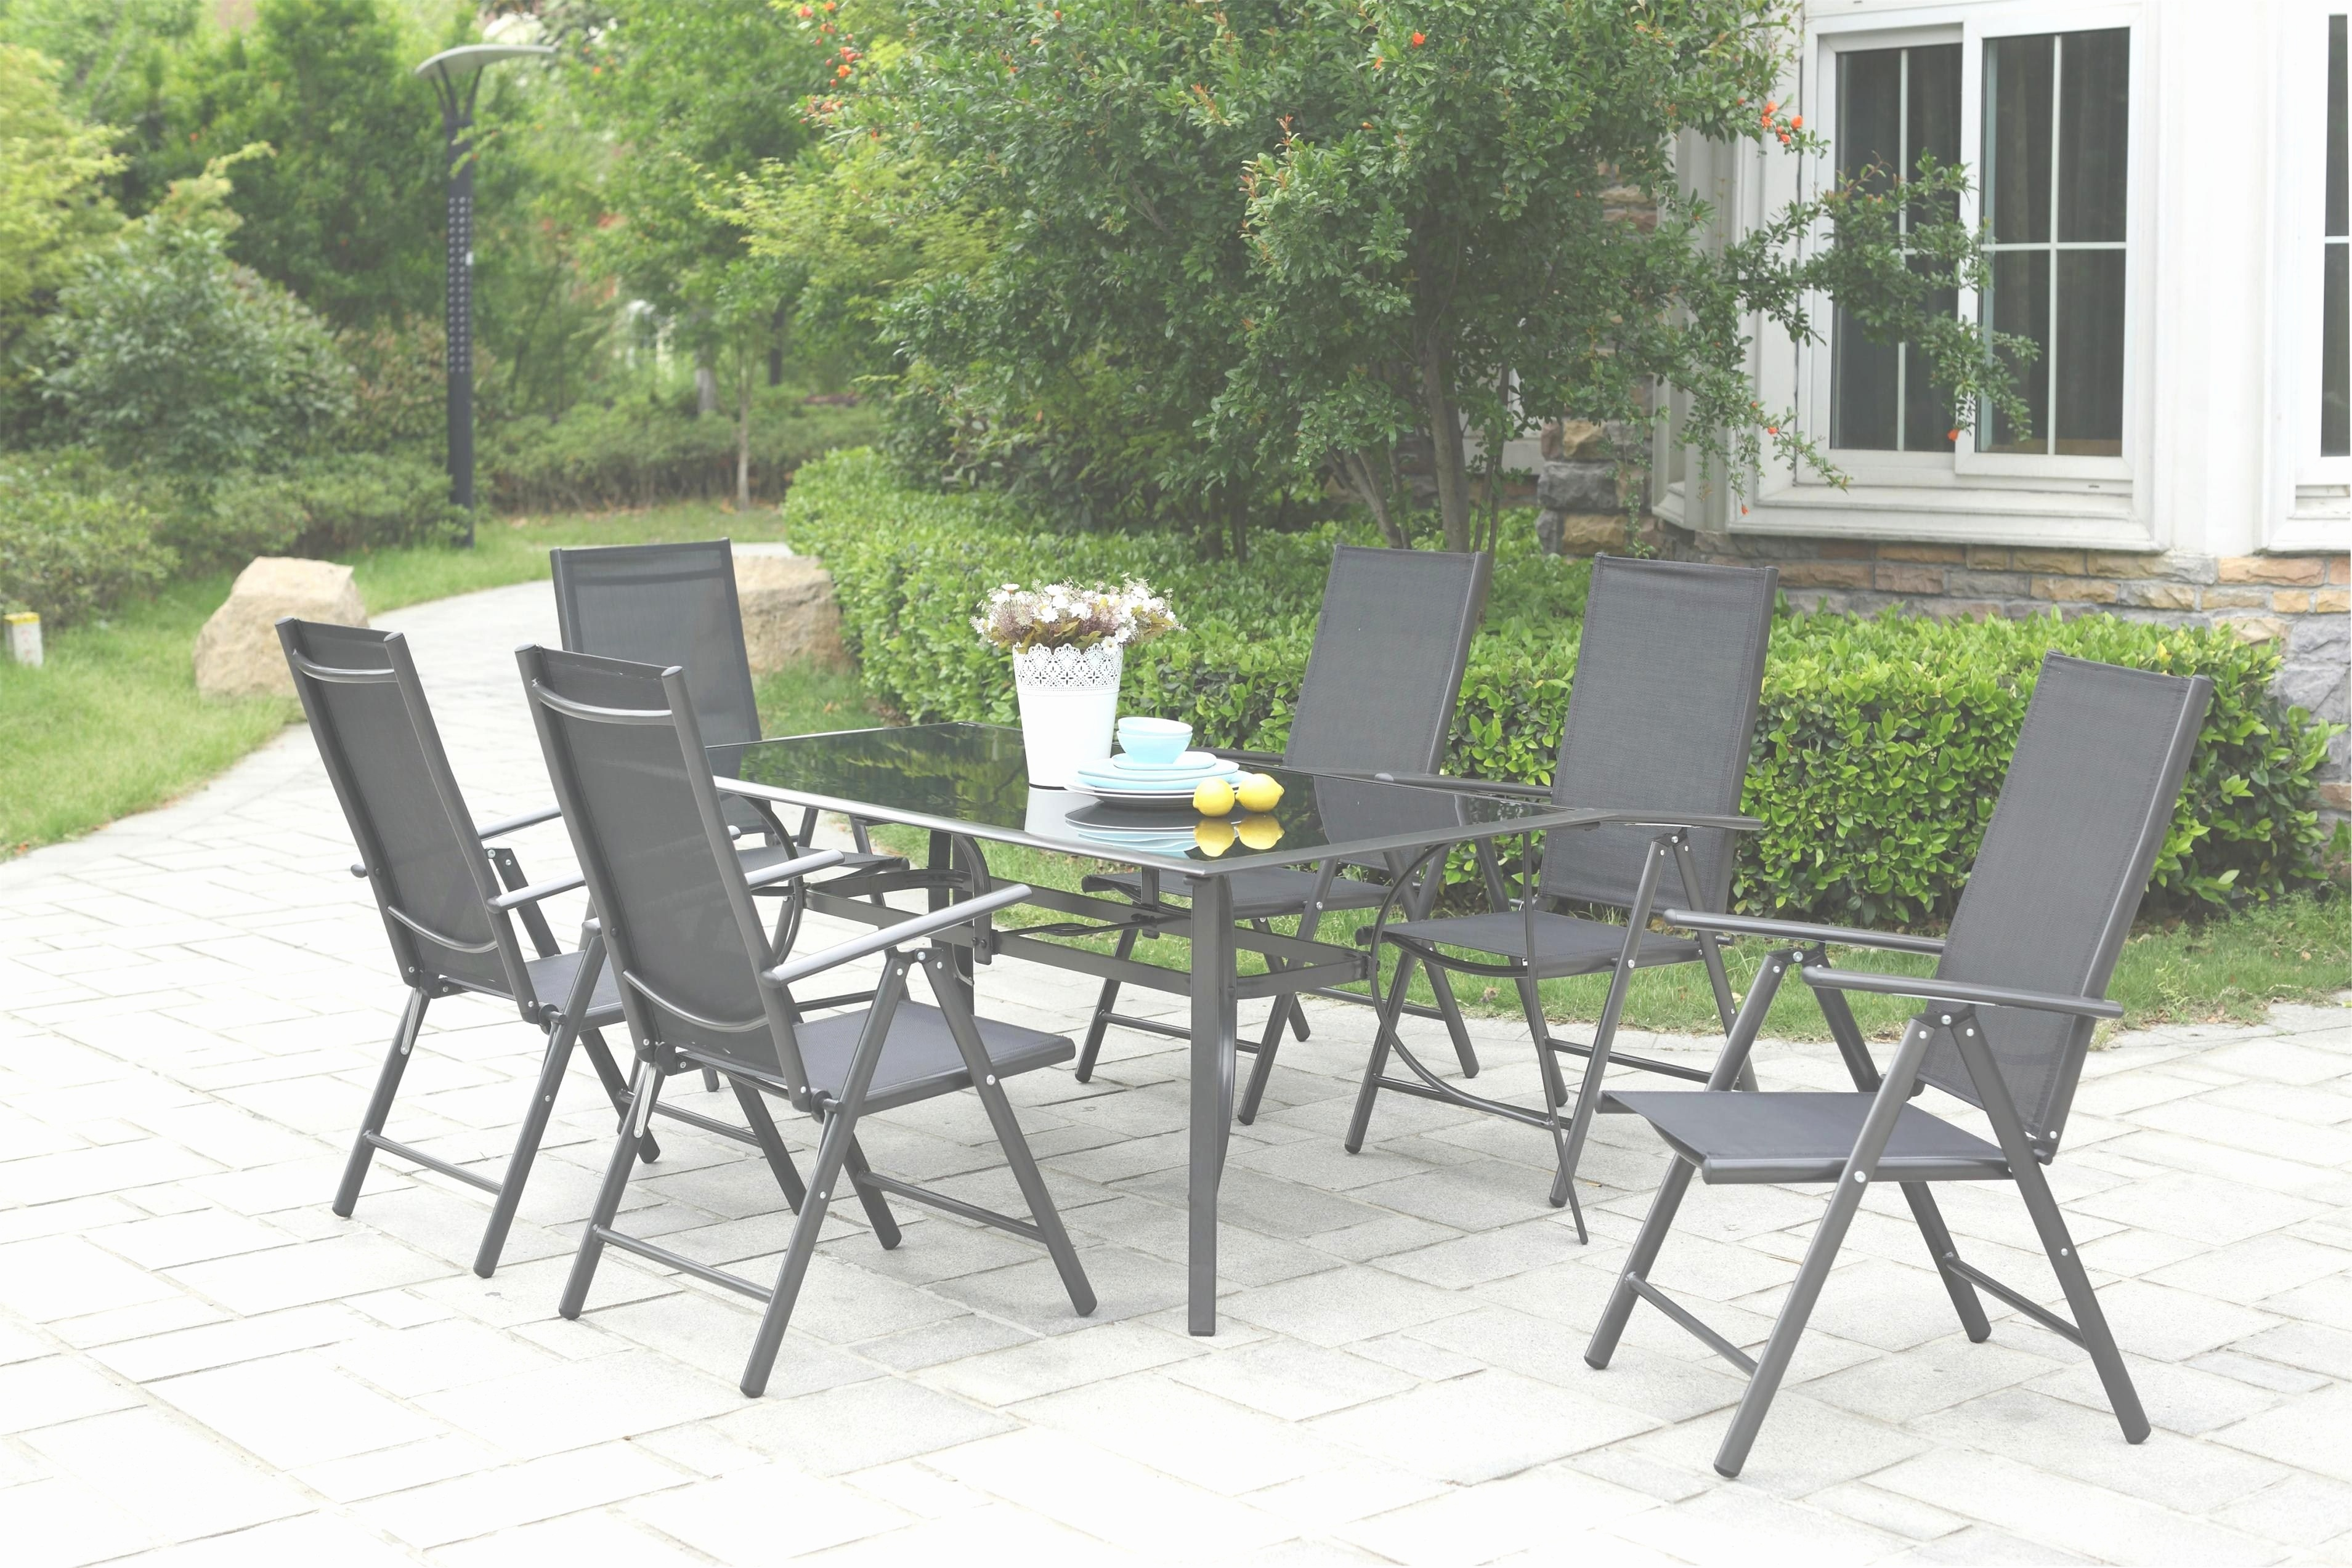 Dalles De Jardin Castorama Unique Photos Castorama Table De Jardin élégant Table De Jardin Design Nouveau